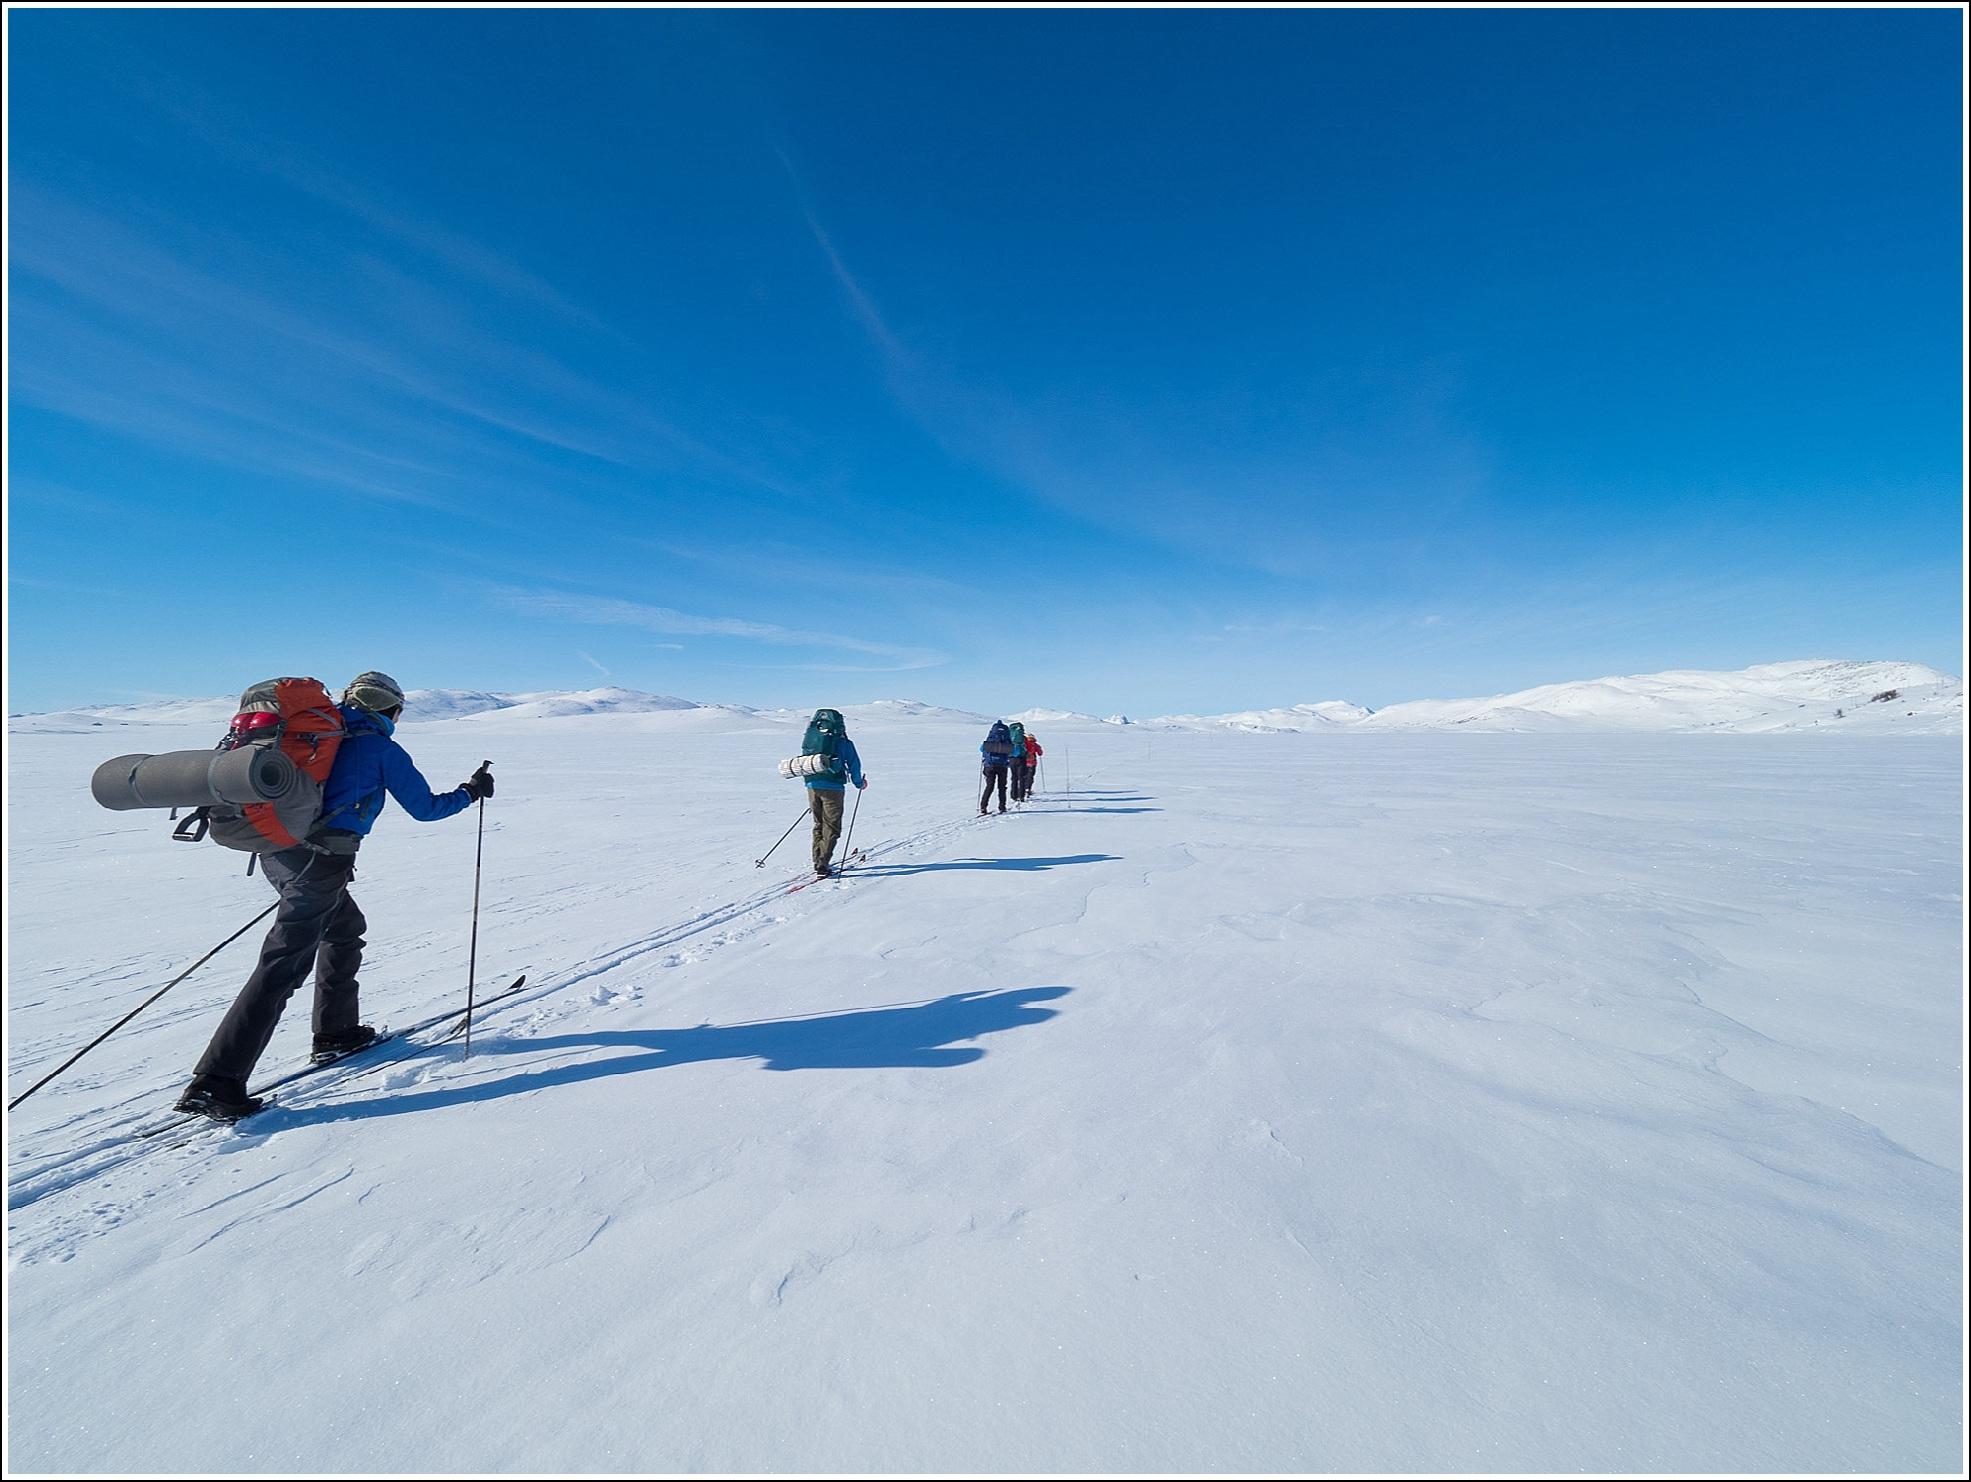 c1d78bd1c 6 fine langturer på ski fra hytte til hytte - GlobetrotterElisa